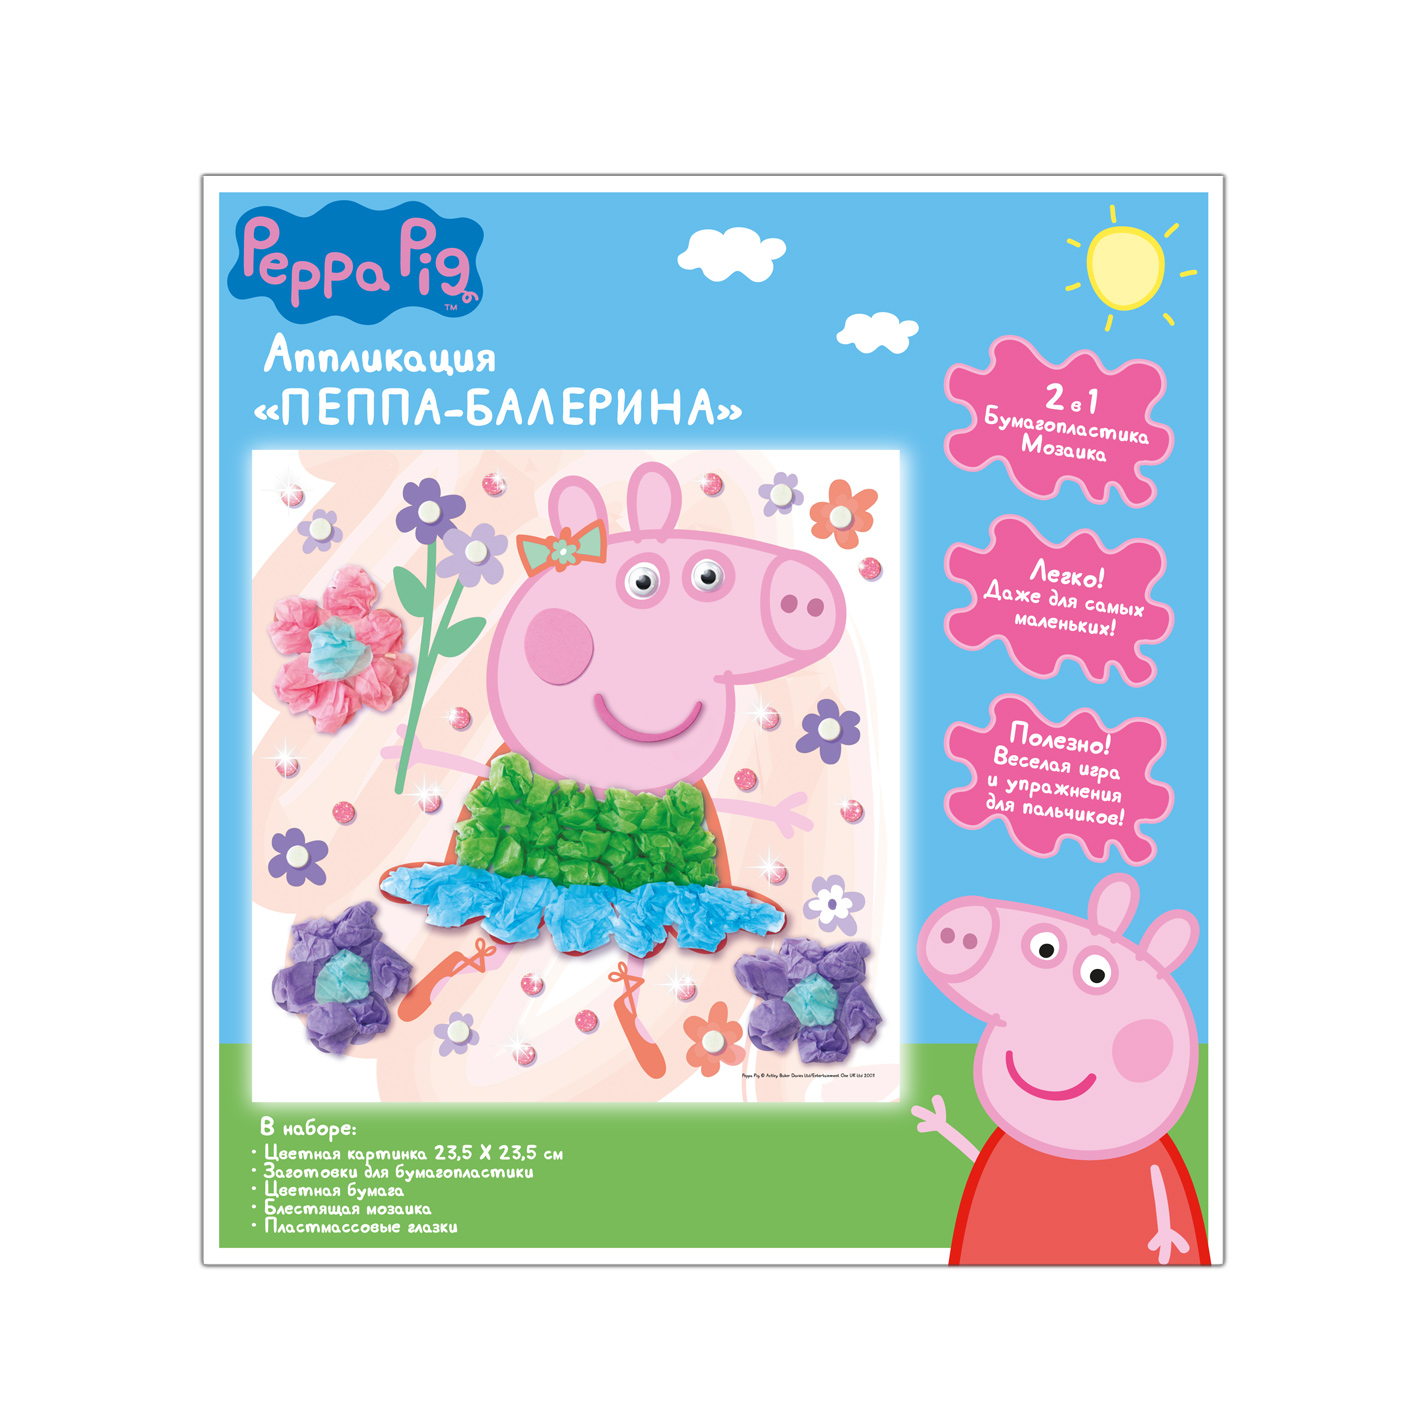 Аппликация - Пеппа Балерина с мозаикойСвинка Пеппа Peppa Pig<br>Аппликация - Пеппа Балерина с мозаикой<br>